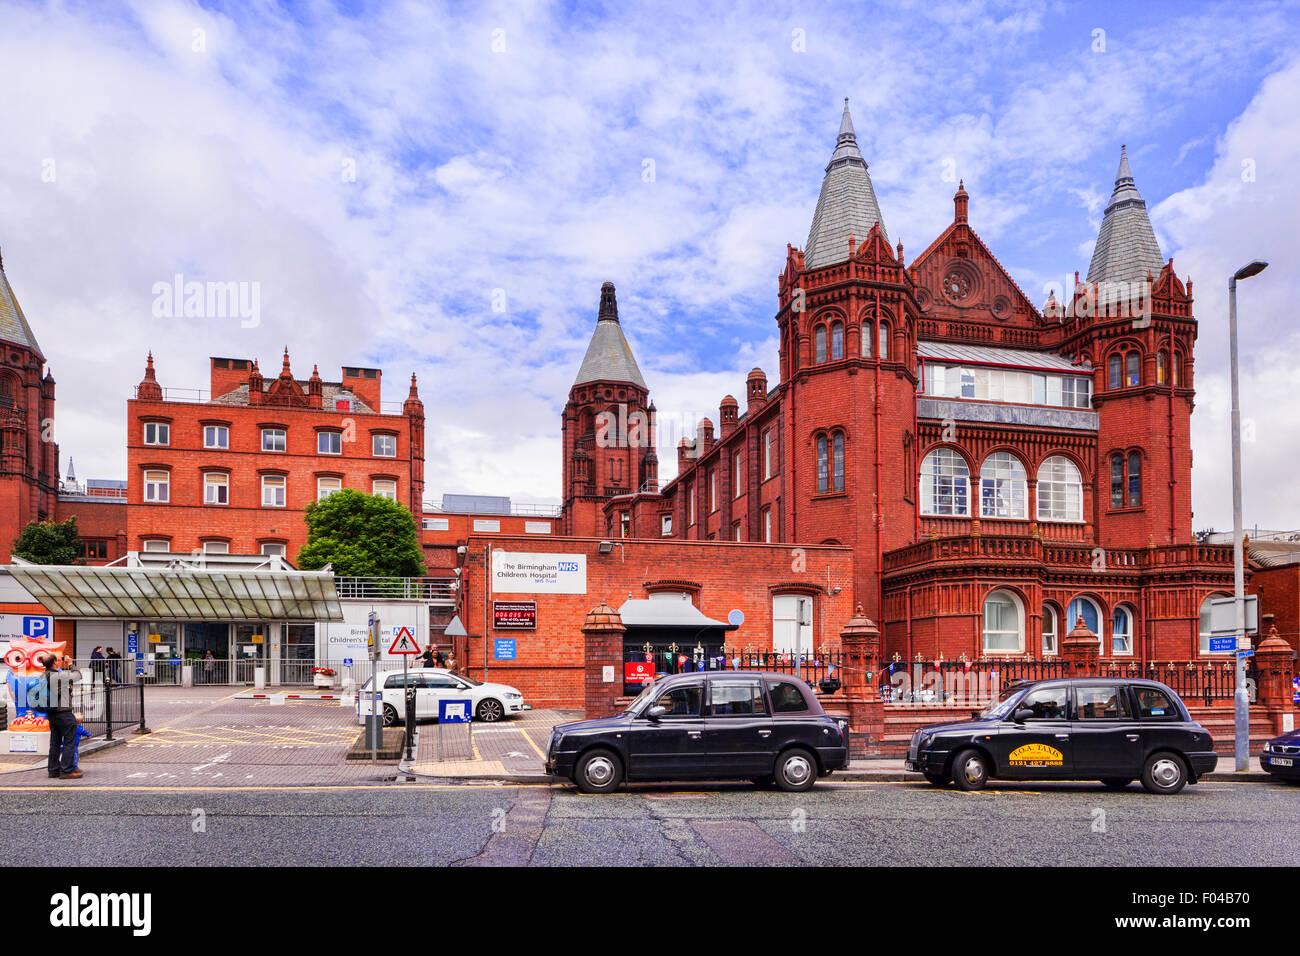 Hôpital pour enfants de Birmingham, Birmingham, West Midlands, England Photo Stock